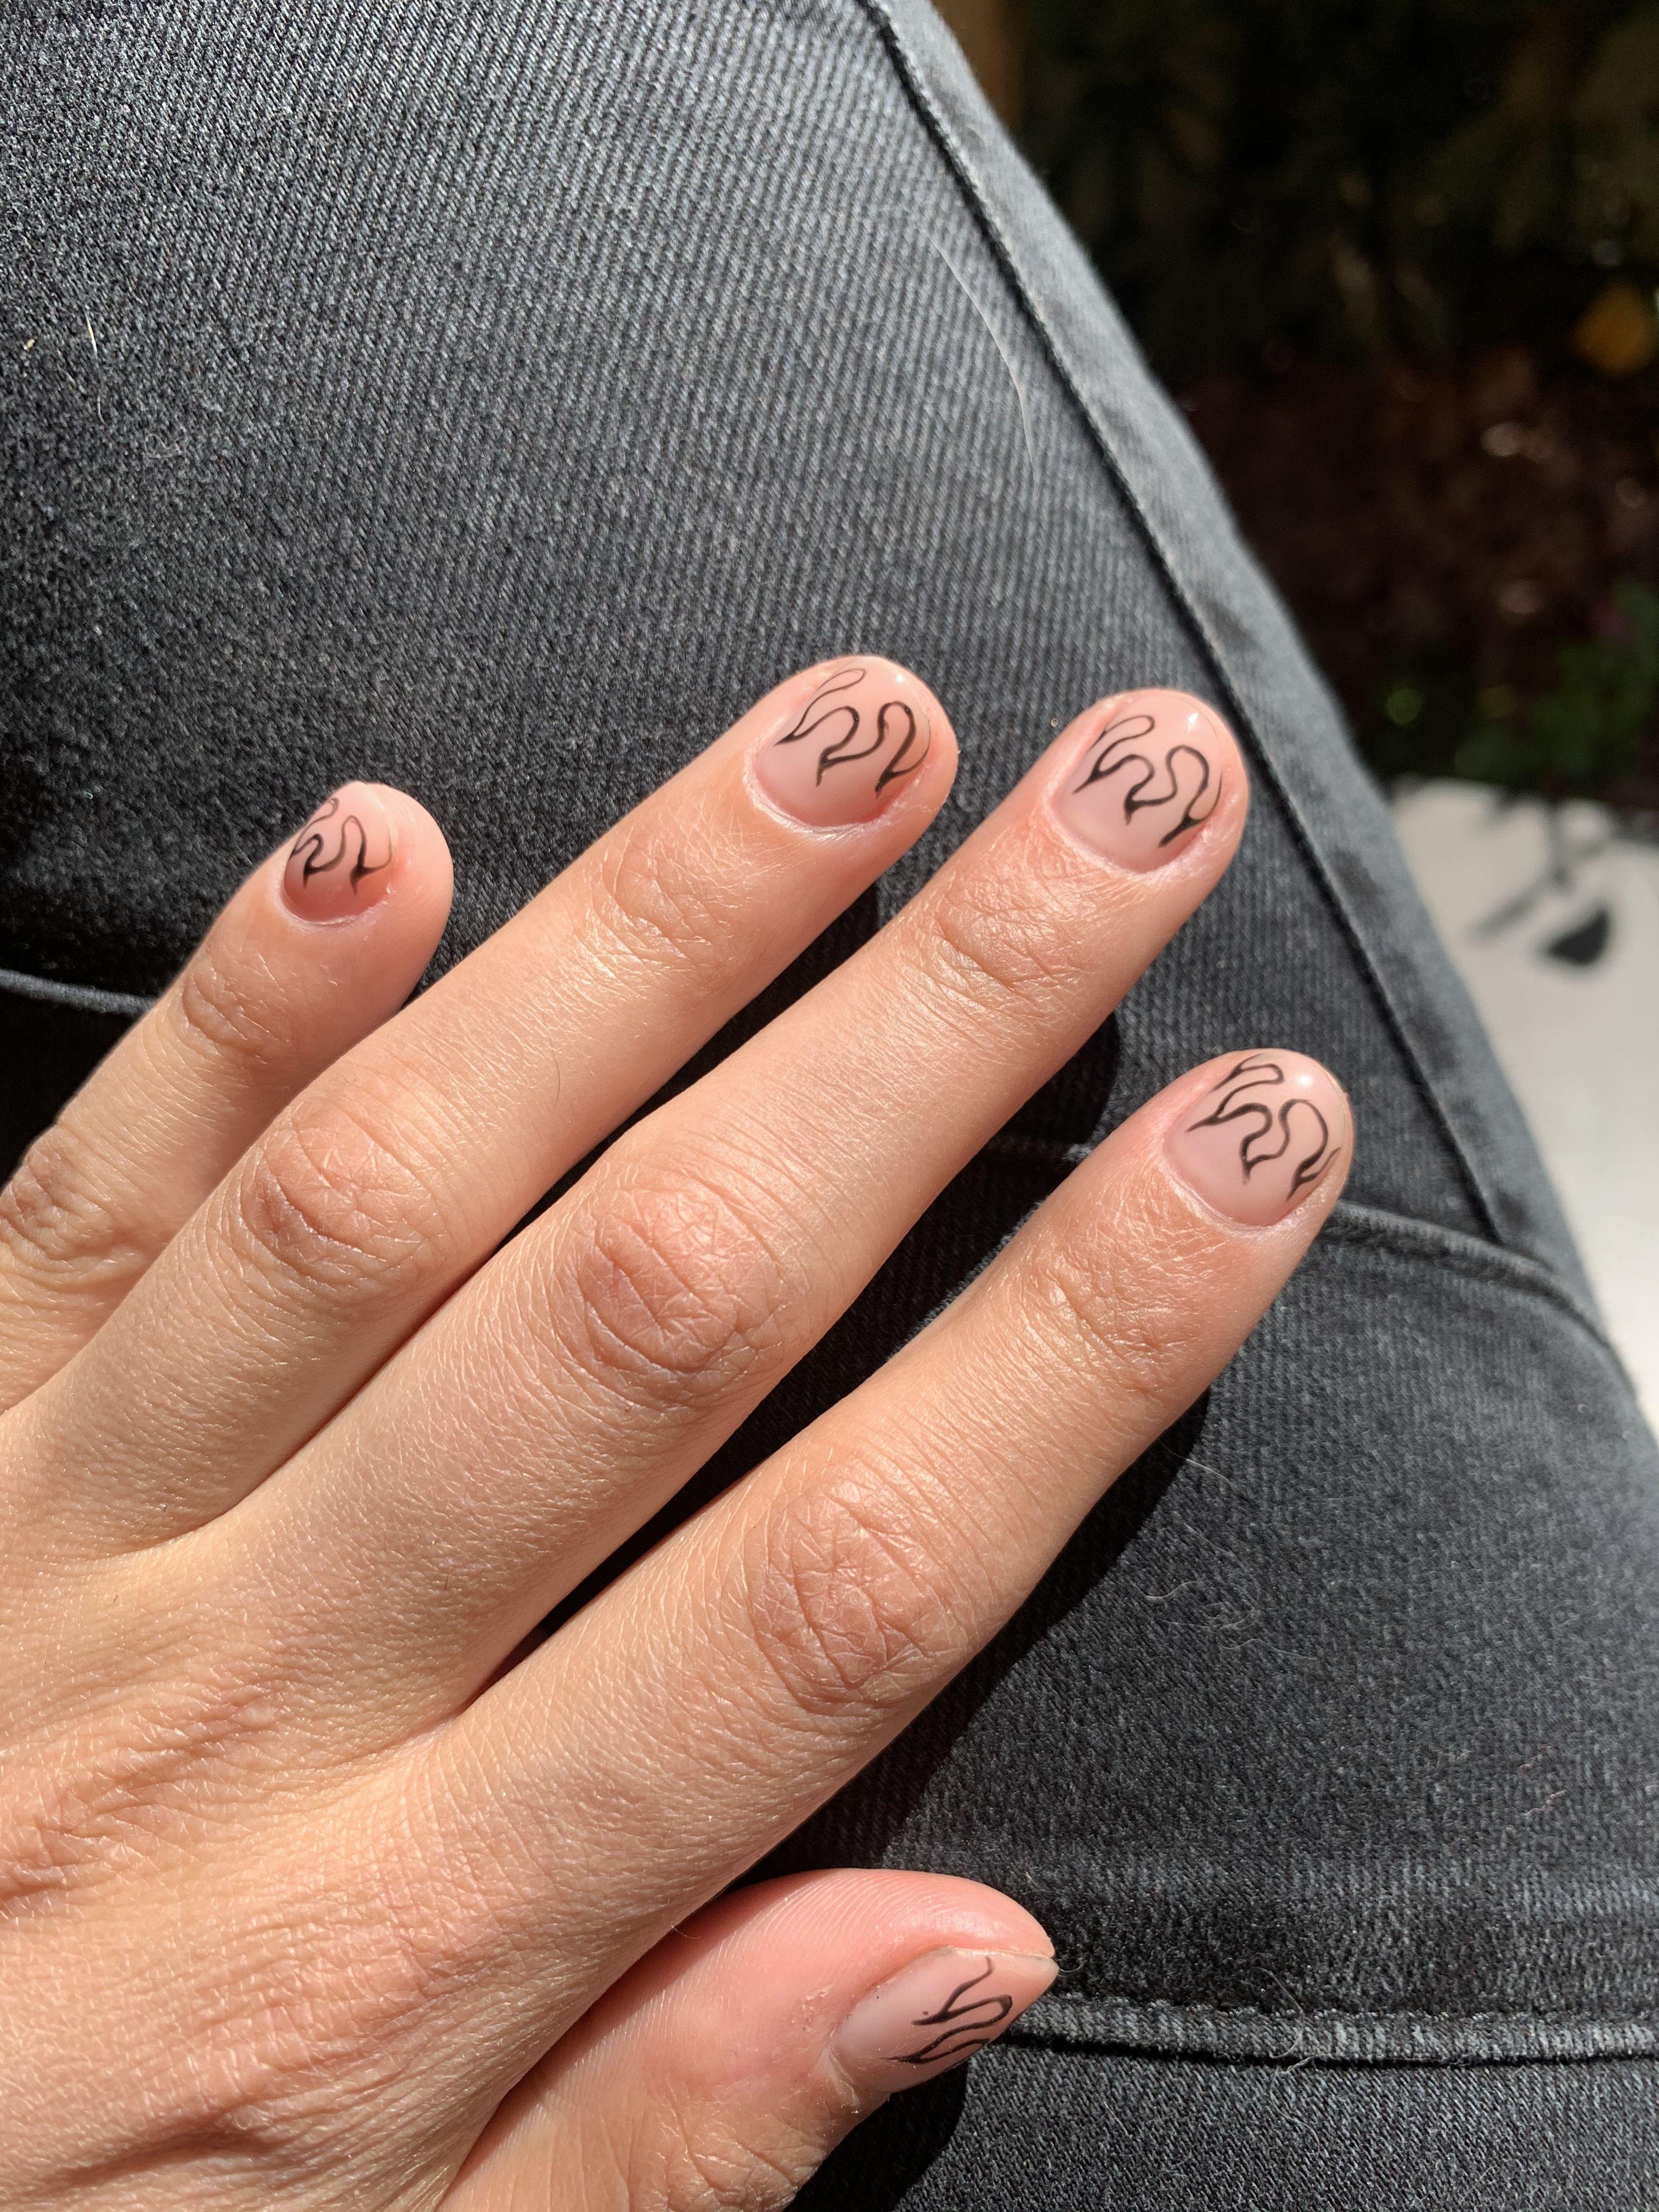 Flame Nails Mens Nails Flame Nail Art Swag Nails